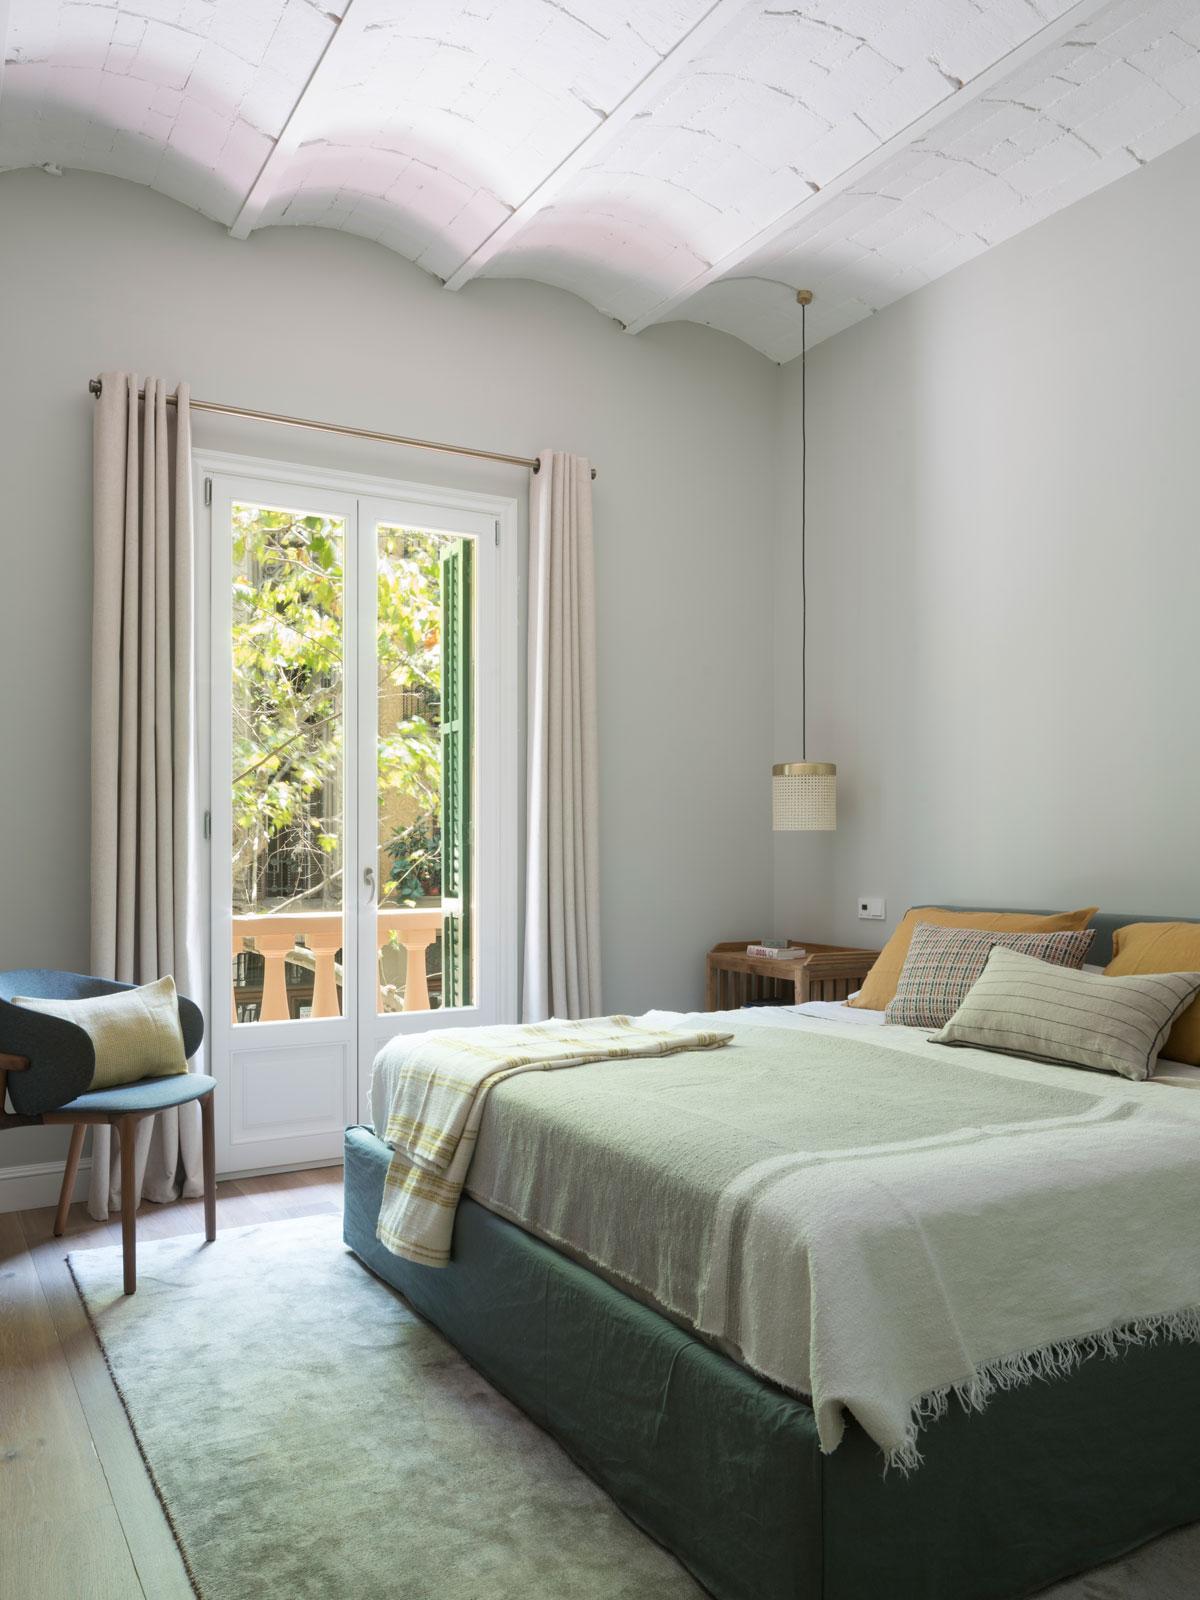 Dom na Malorke očarí vysokými stropmi a jedinečnou atmosférou - V spálni nájdeme okrem atypického stropu aj niekoľko druhov textílií, vďaka ktorým pôsobí izba útulným a pohodlným dojmom.